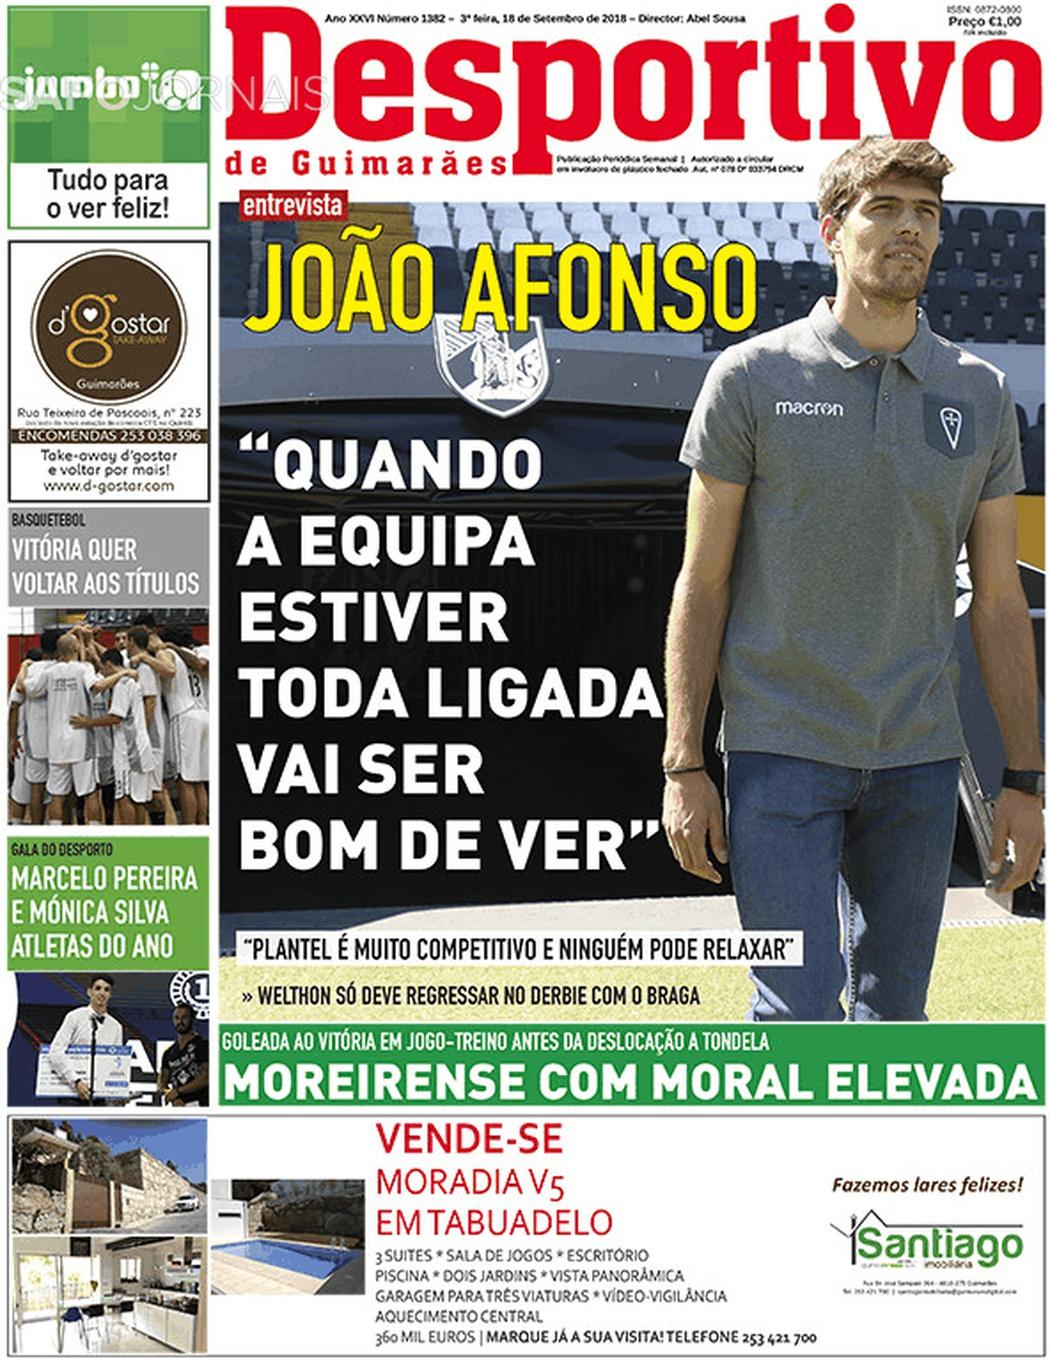 Banca De Jornais Desportivo De Guimarães 18 09 2018 Futebol 365